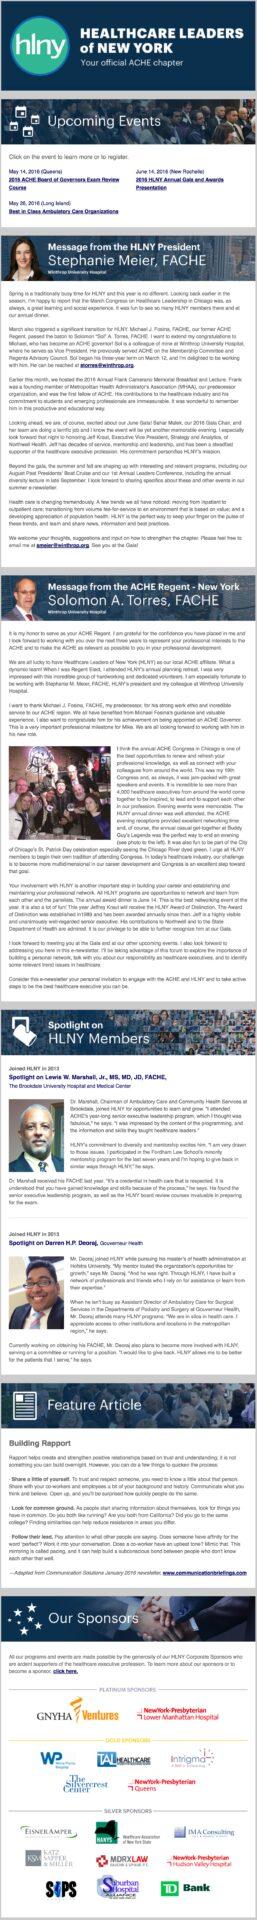 HLNY Spring 2016 Newsletter